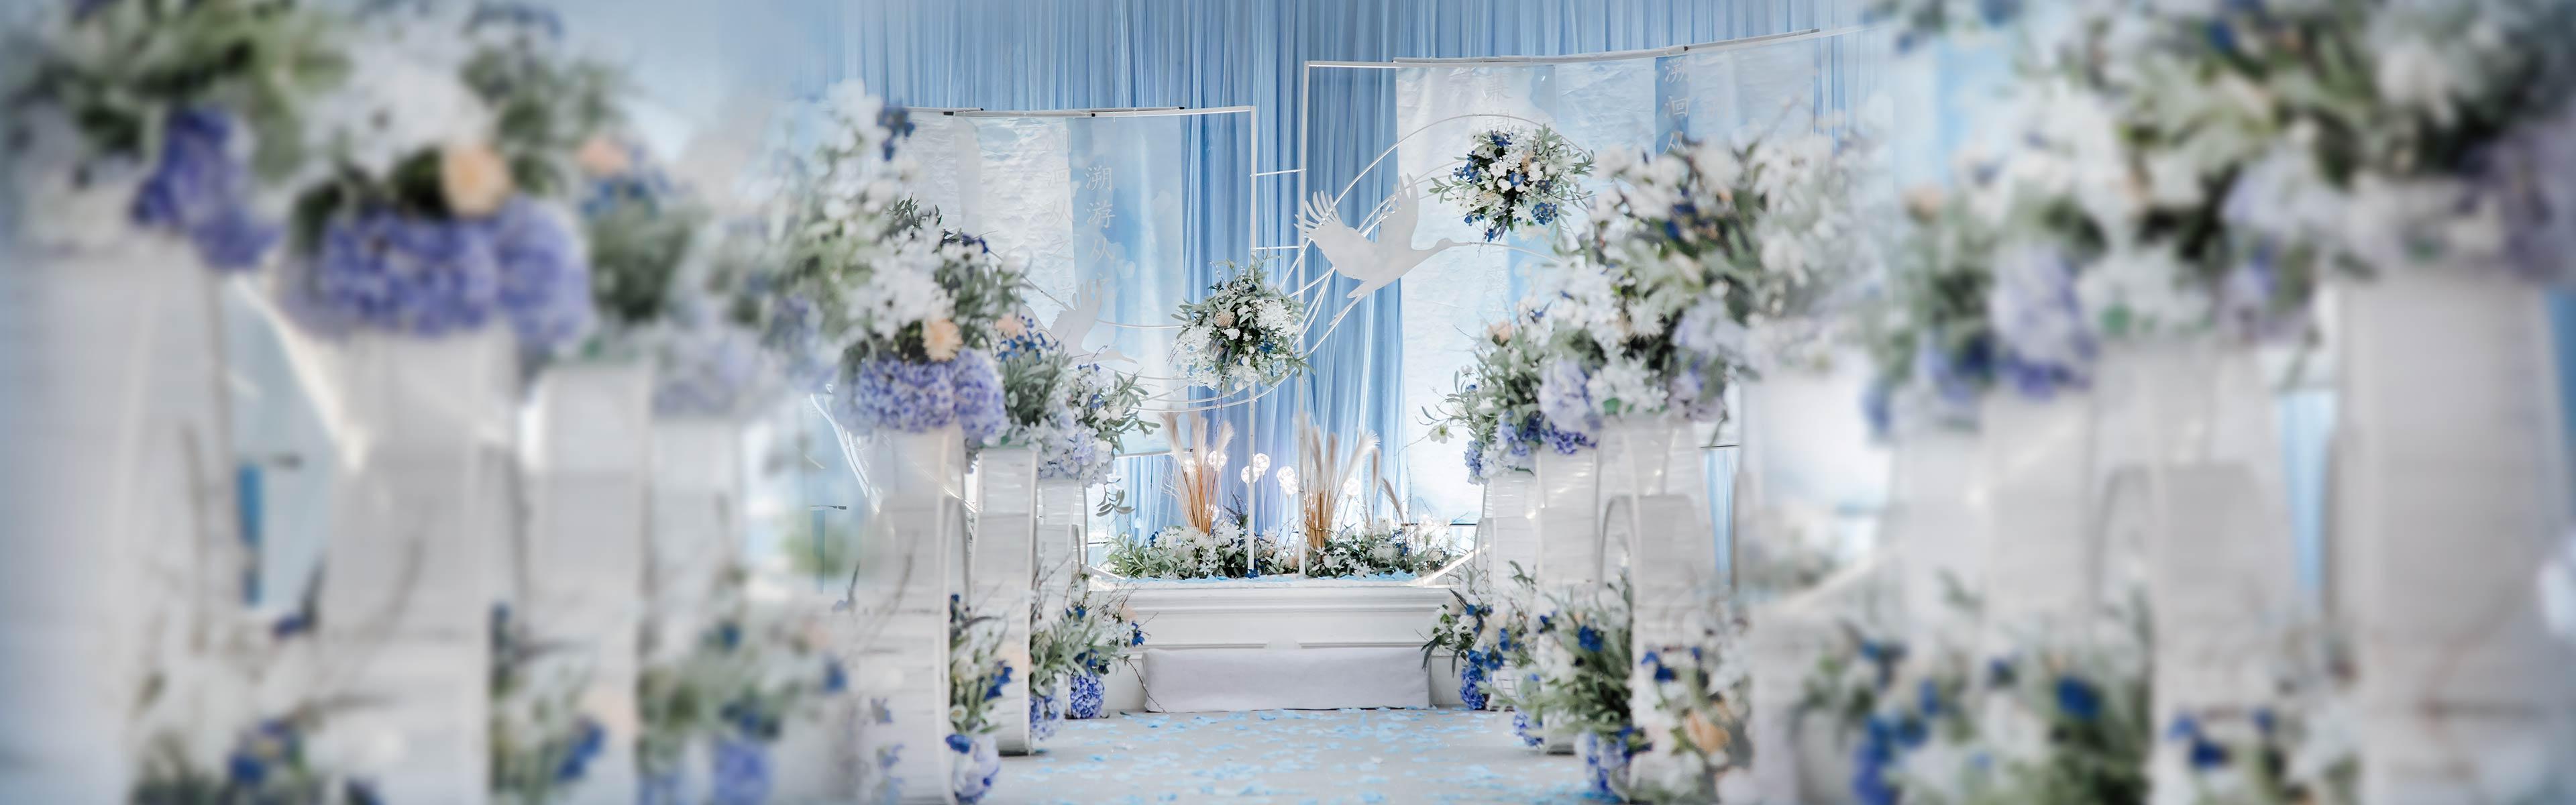 蚌埠市婚庆策划案例:相逢甚喜 | 湖南 长沙